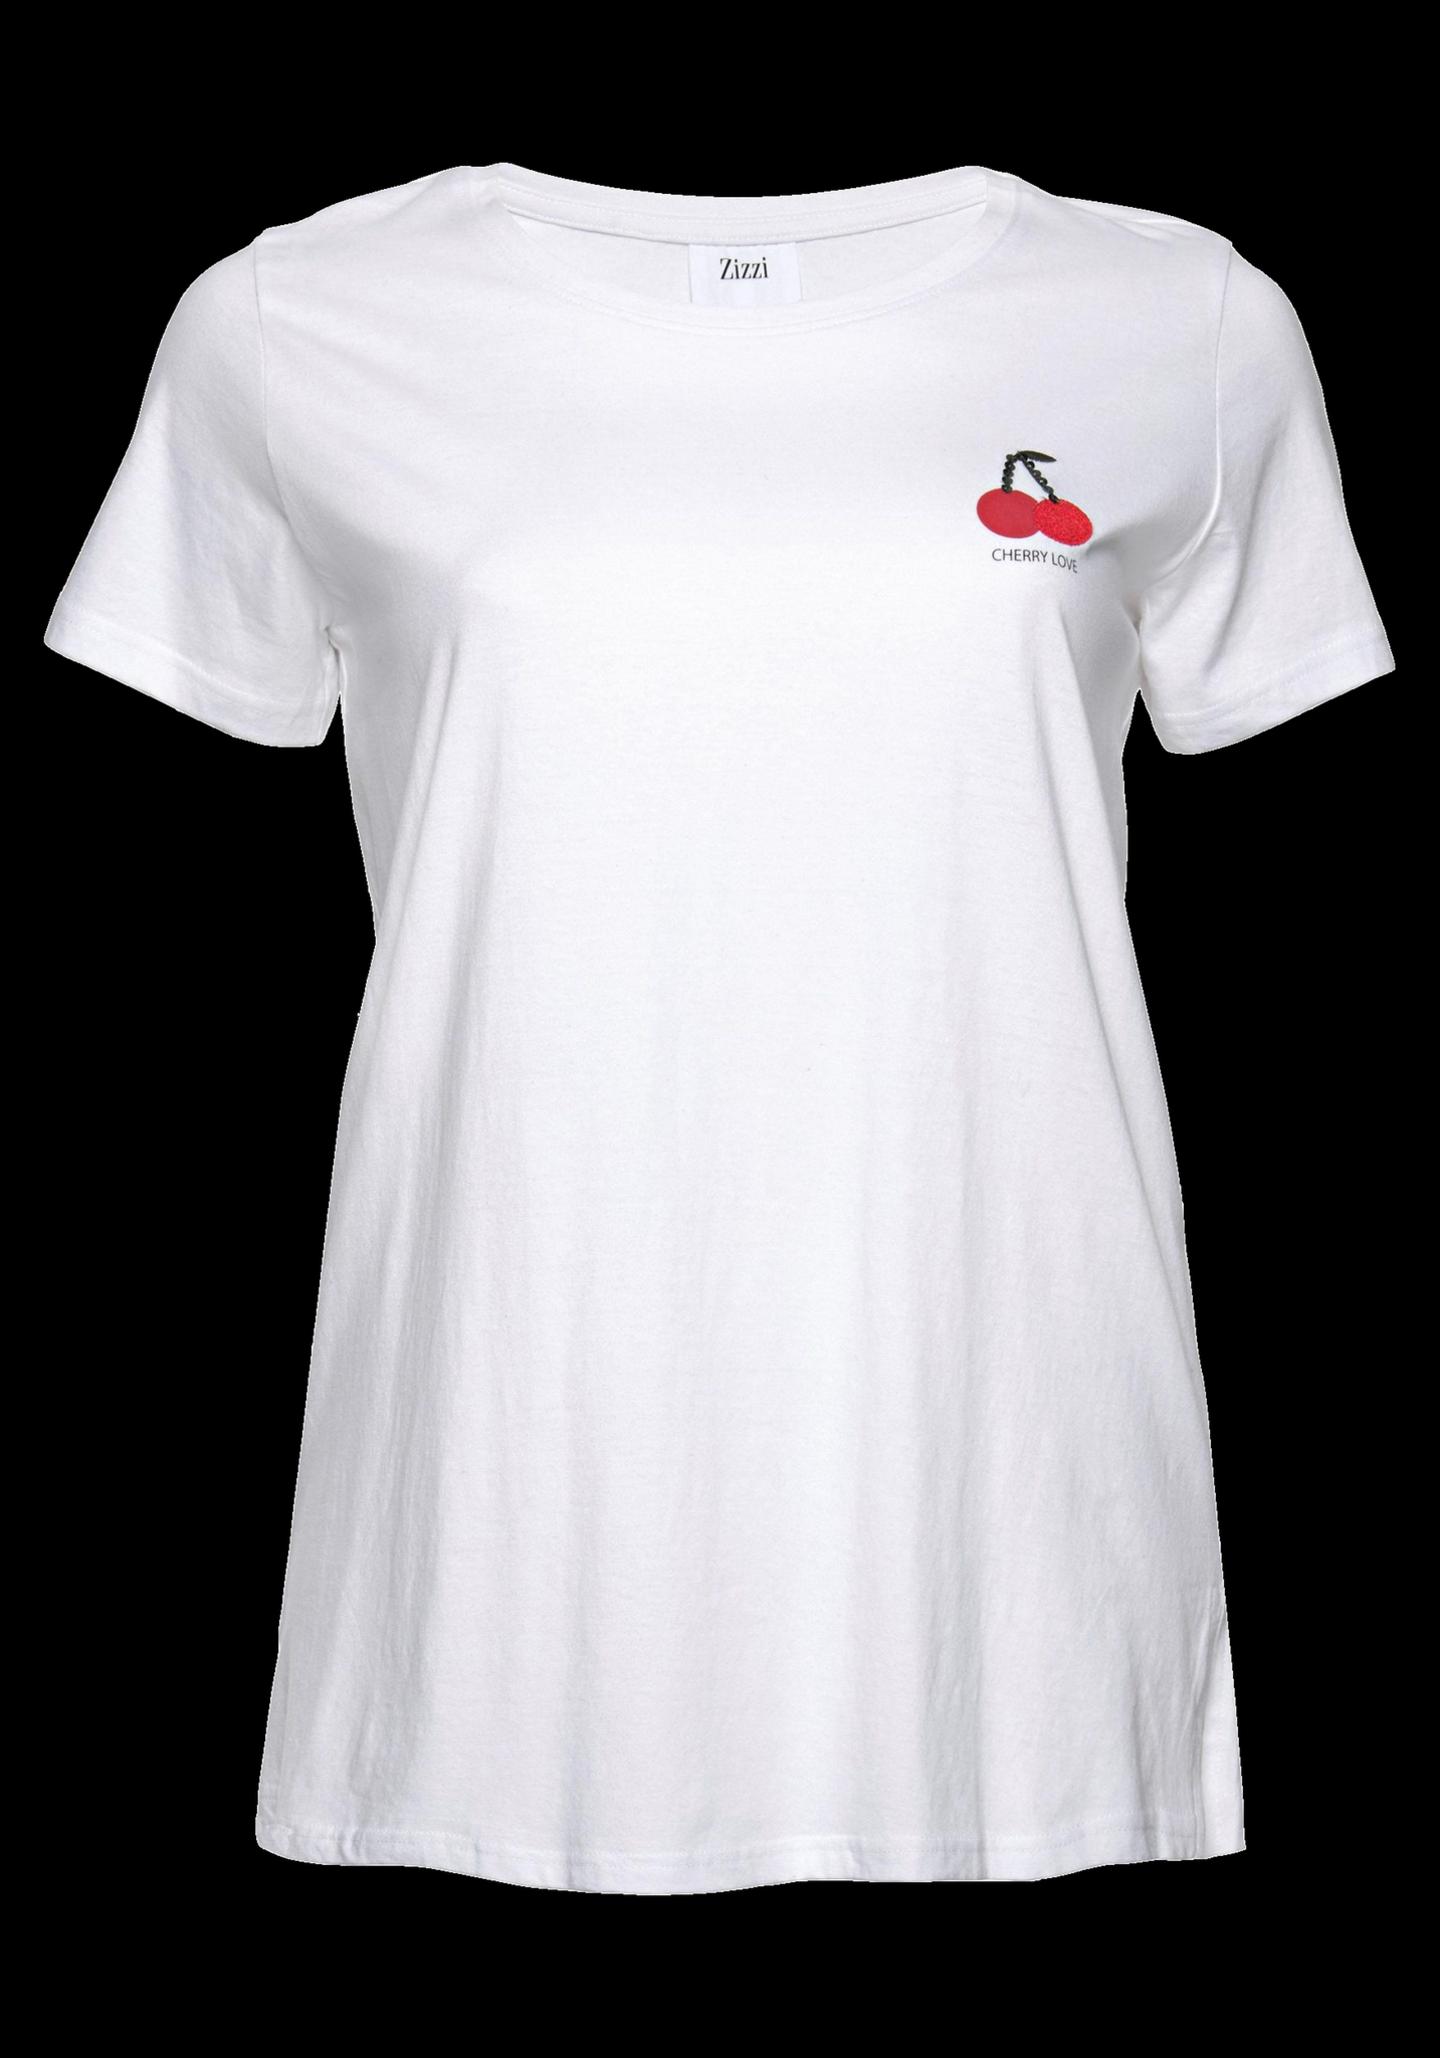 Plus-Size T-Shirt von Zizzi mit Cherry-Print